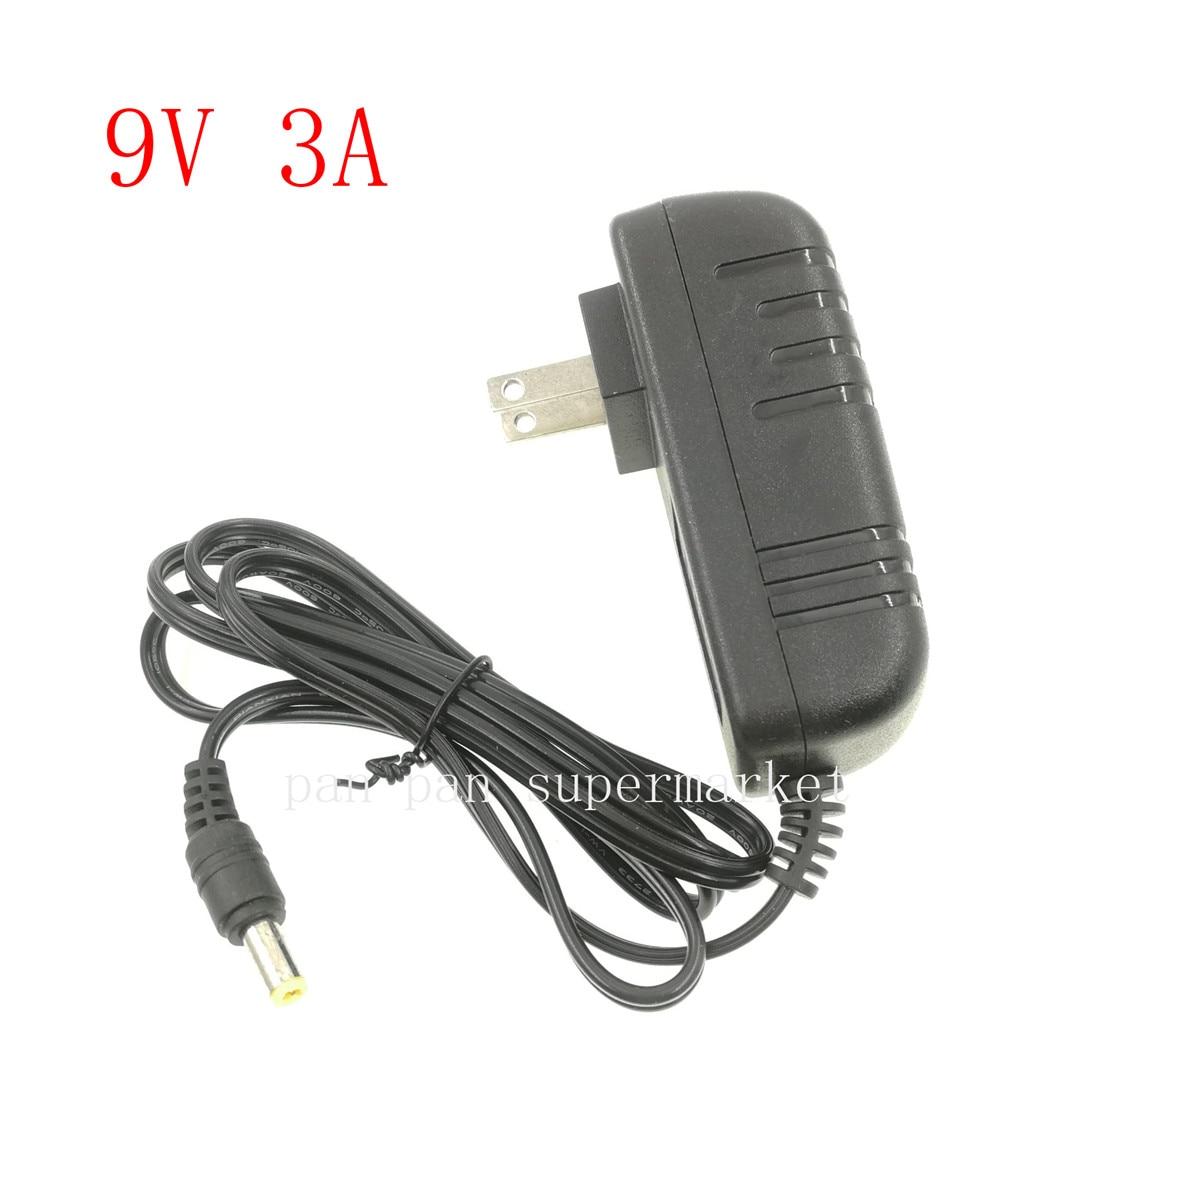 Adaptador do carregador da fonte de alimentação d 9 v 3a adaptador dc9v volt dc swiching para a lâmpada de tira conduzida